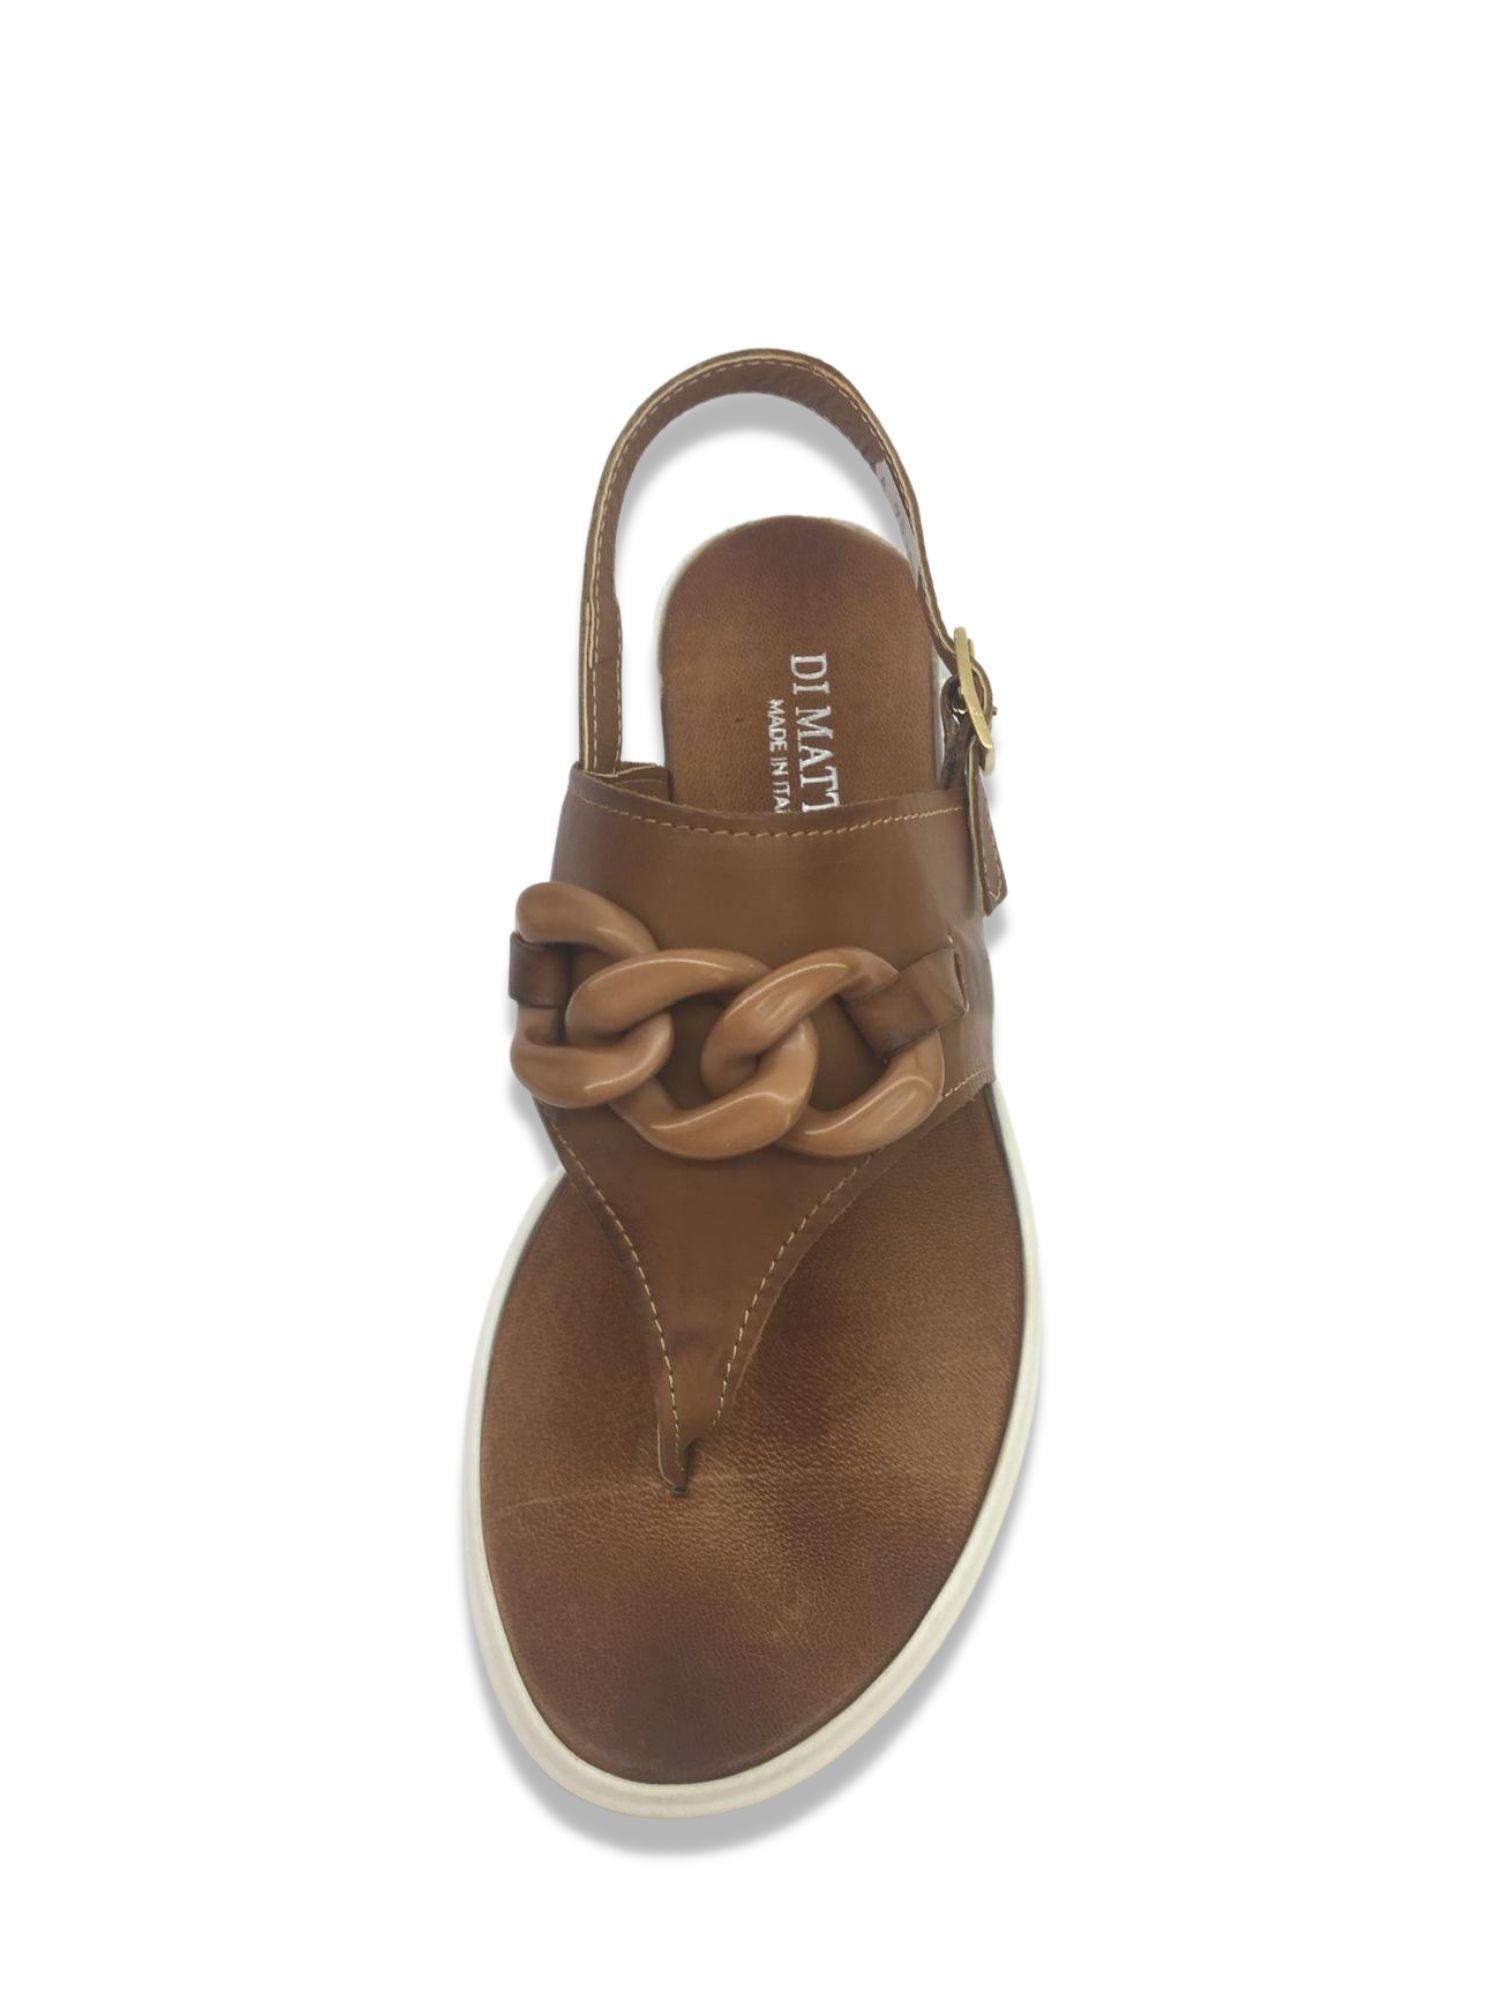 Sandalo Infradito Made in Italy 303 Cuoio alto